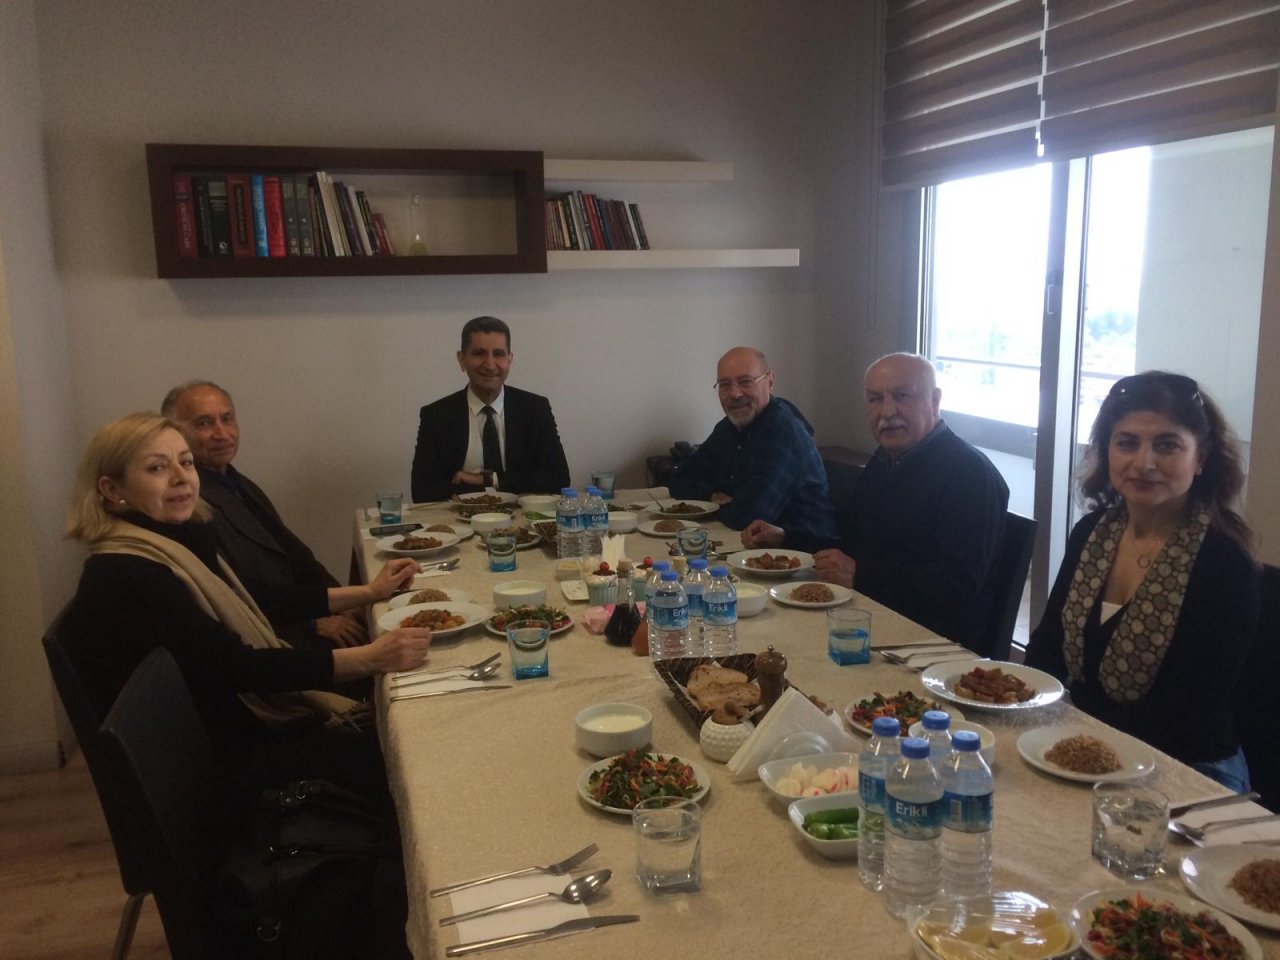 09.02.2019 Tarihinde Mütevelli Heyet Başkanı Dr. Halis Bayrak Başkanlığında Olağan Mütevelli Heyet Toplantısı Yapılmıştır